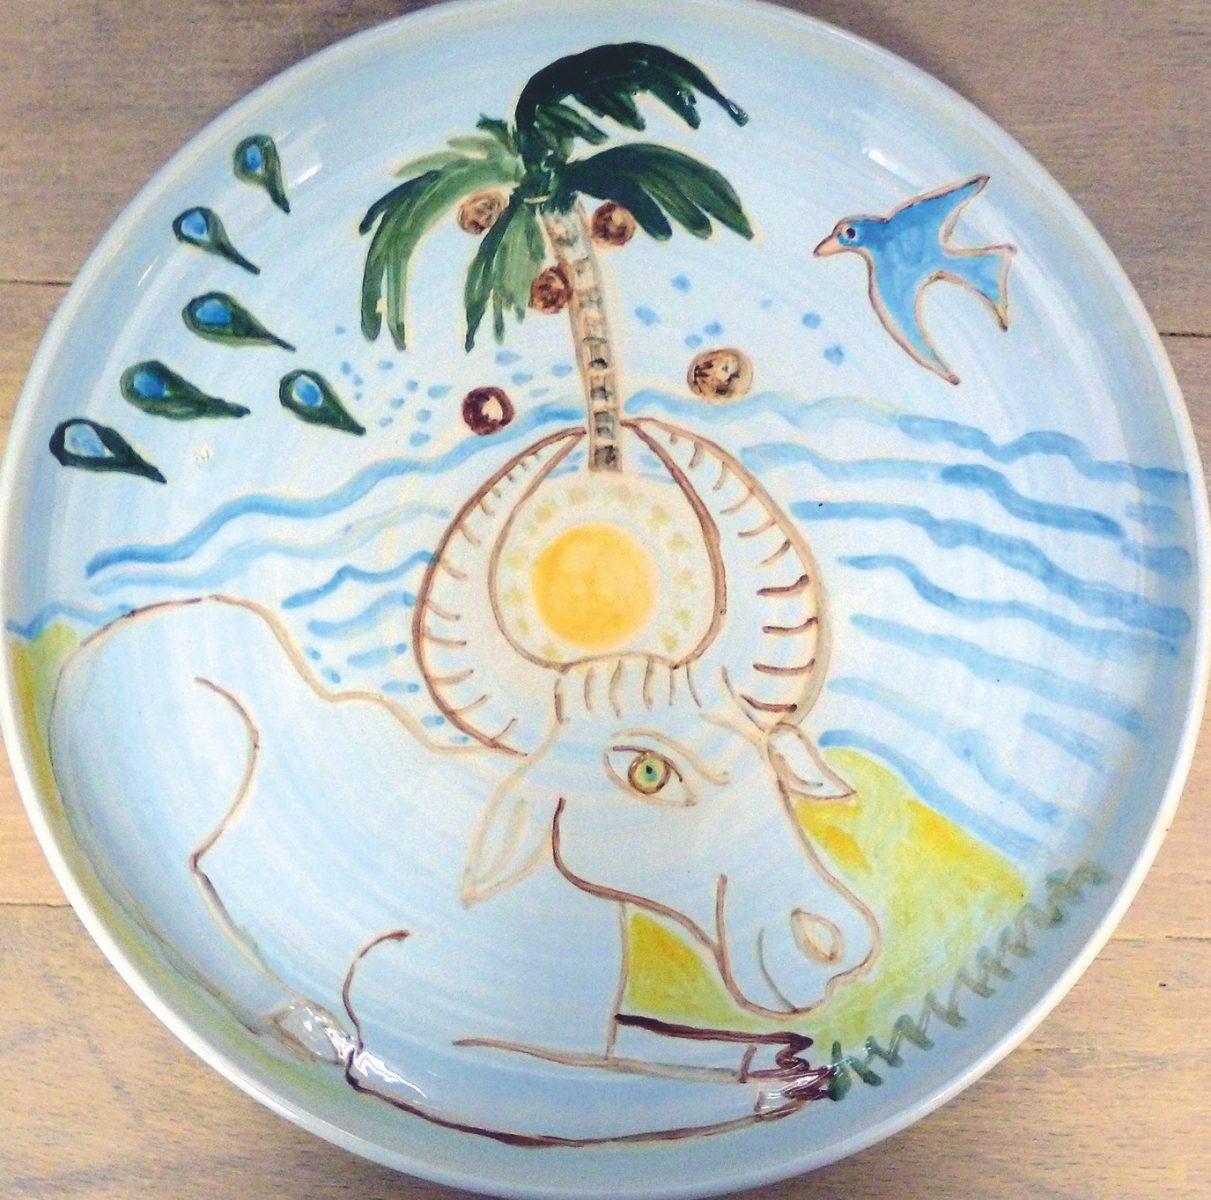 EM-Teller, gestaltet von der Dresdener Künstlerin Christiane Latendorf